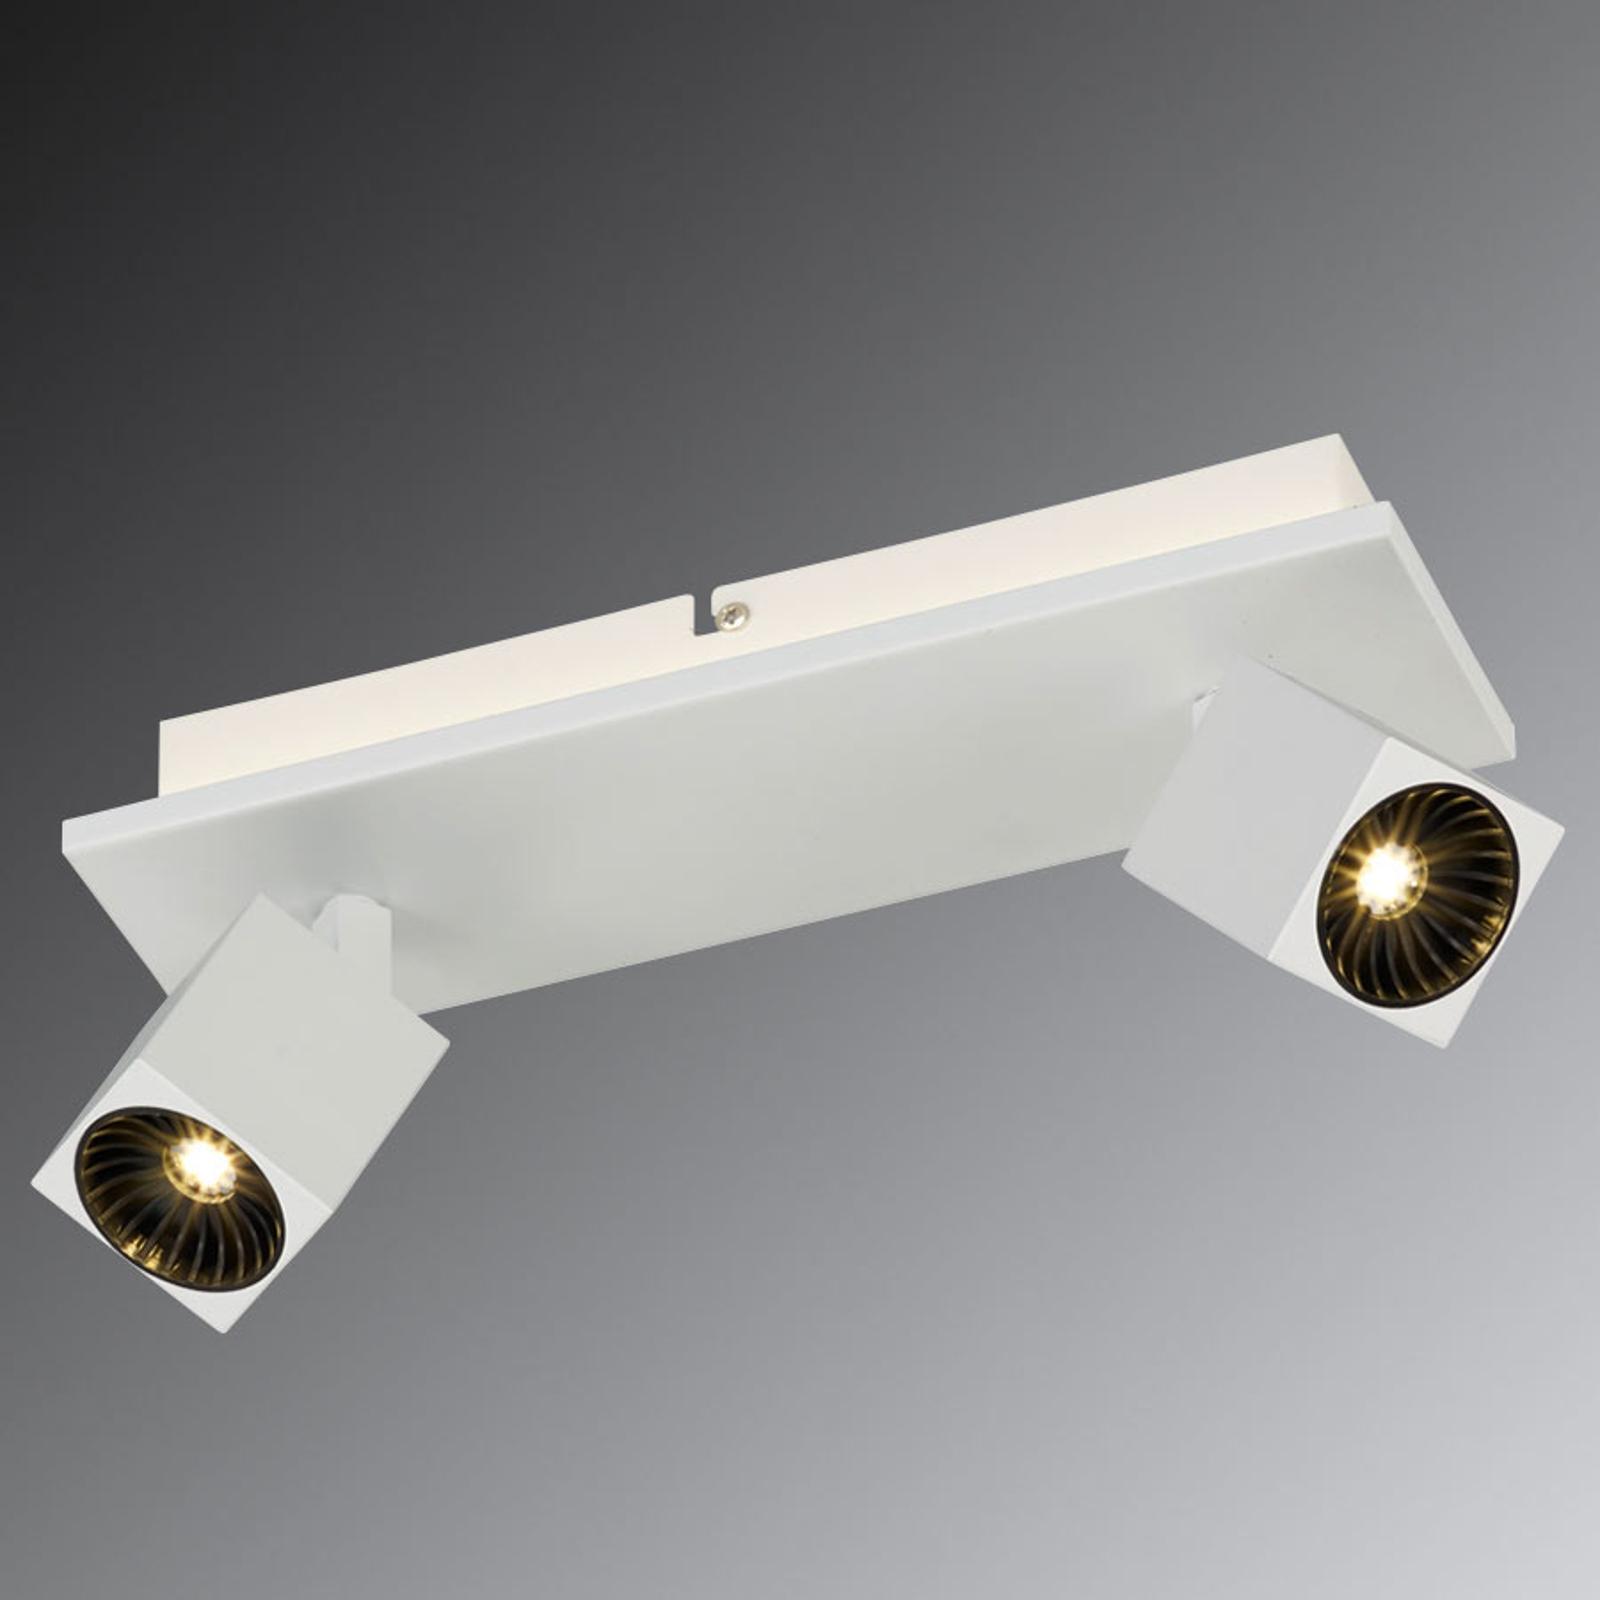 LED-kattovalaisin Cuba Osram-LEDeillä